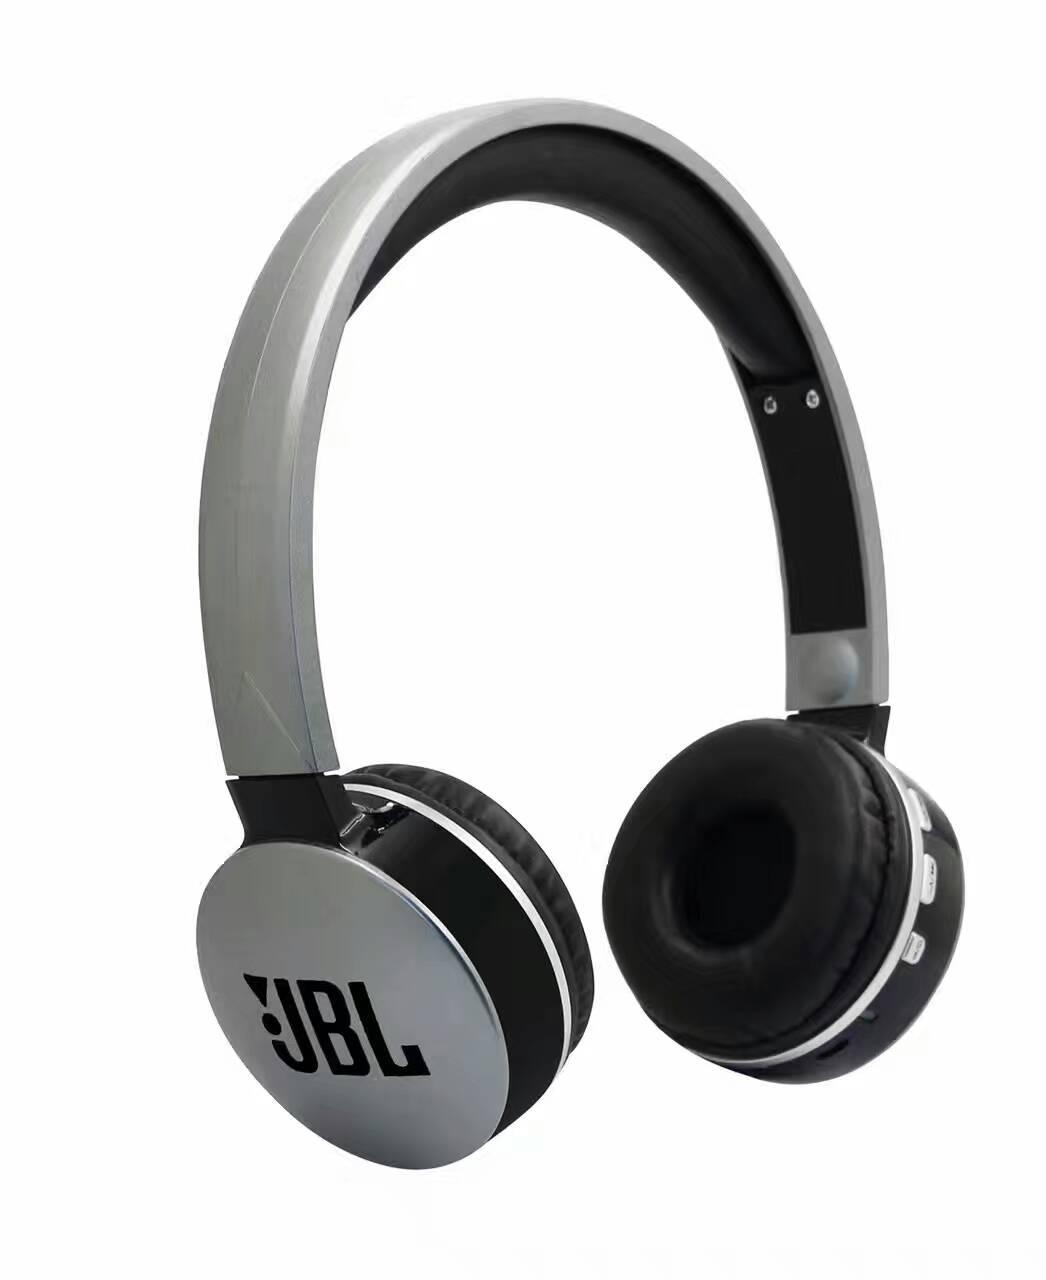 Tai nghe Headphone bluetooth JBL B74 giá sỉ và lẻ rẻ nhất 01680